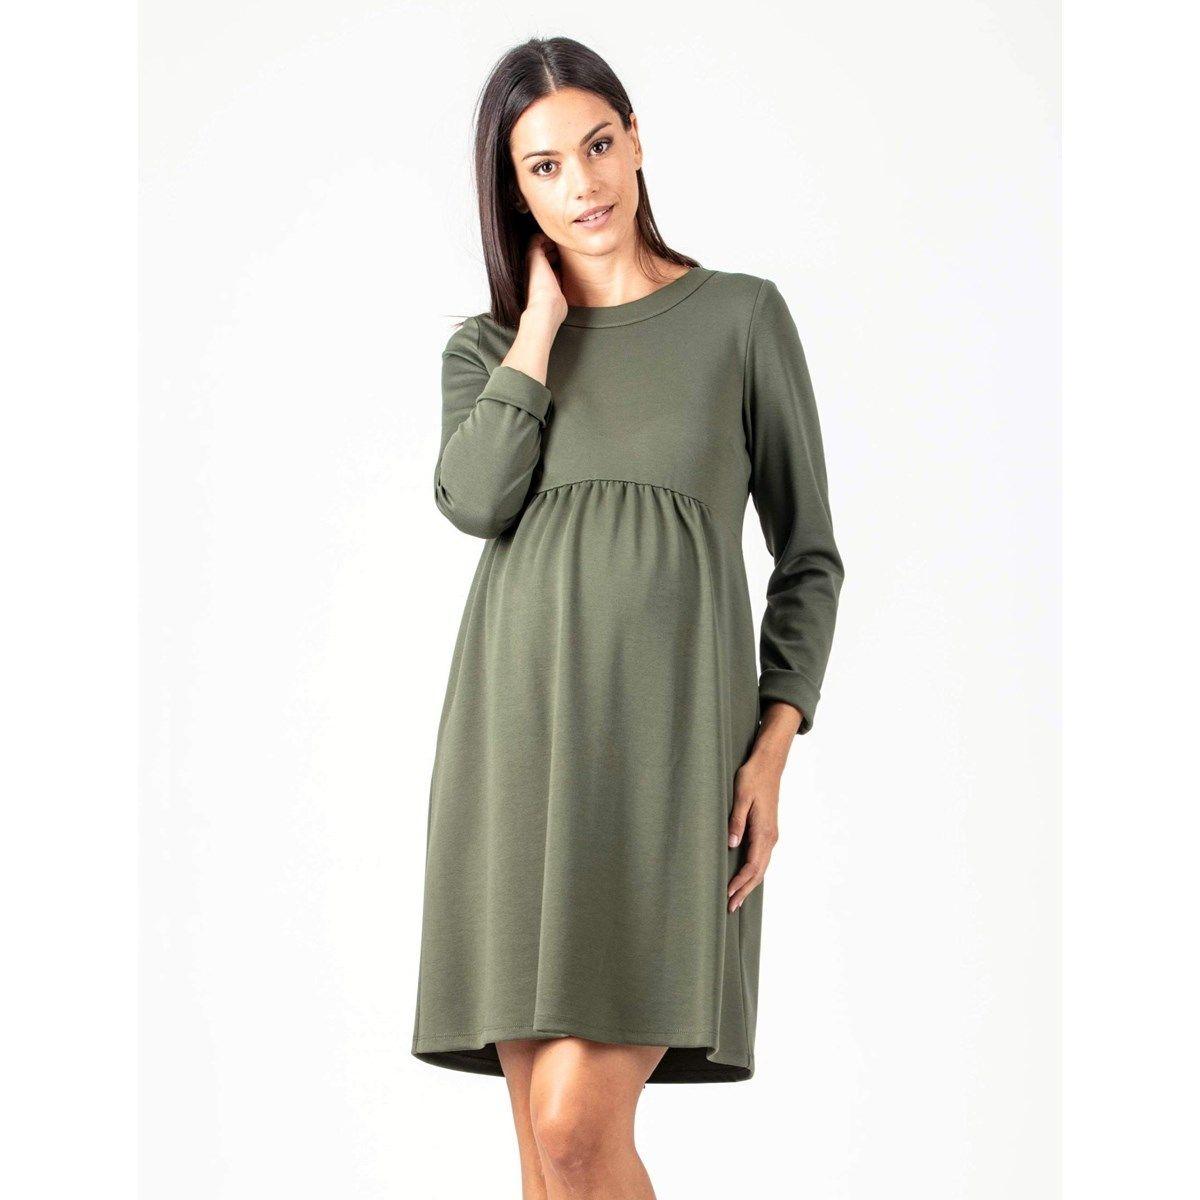 Robe de grossesse avec ouvertures à zip dans le dos